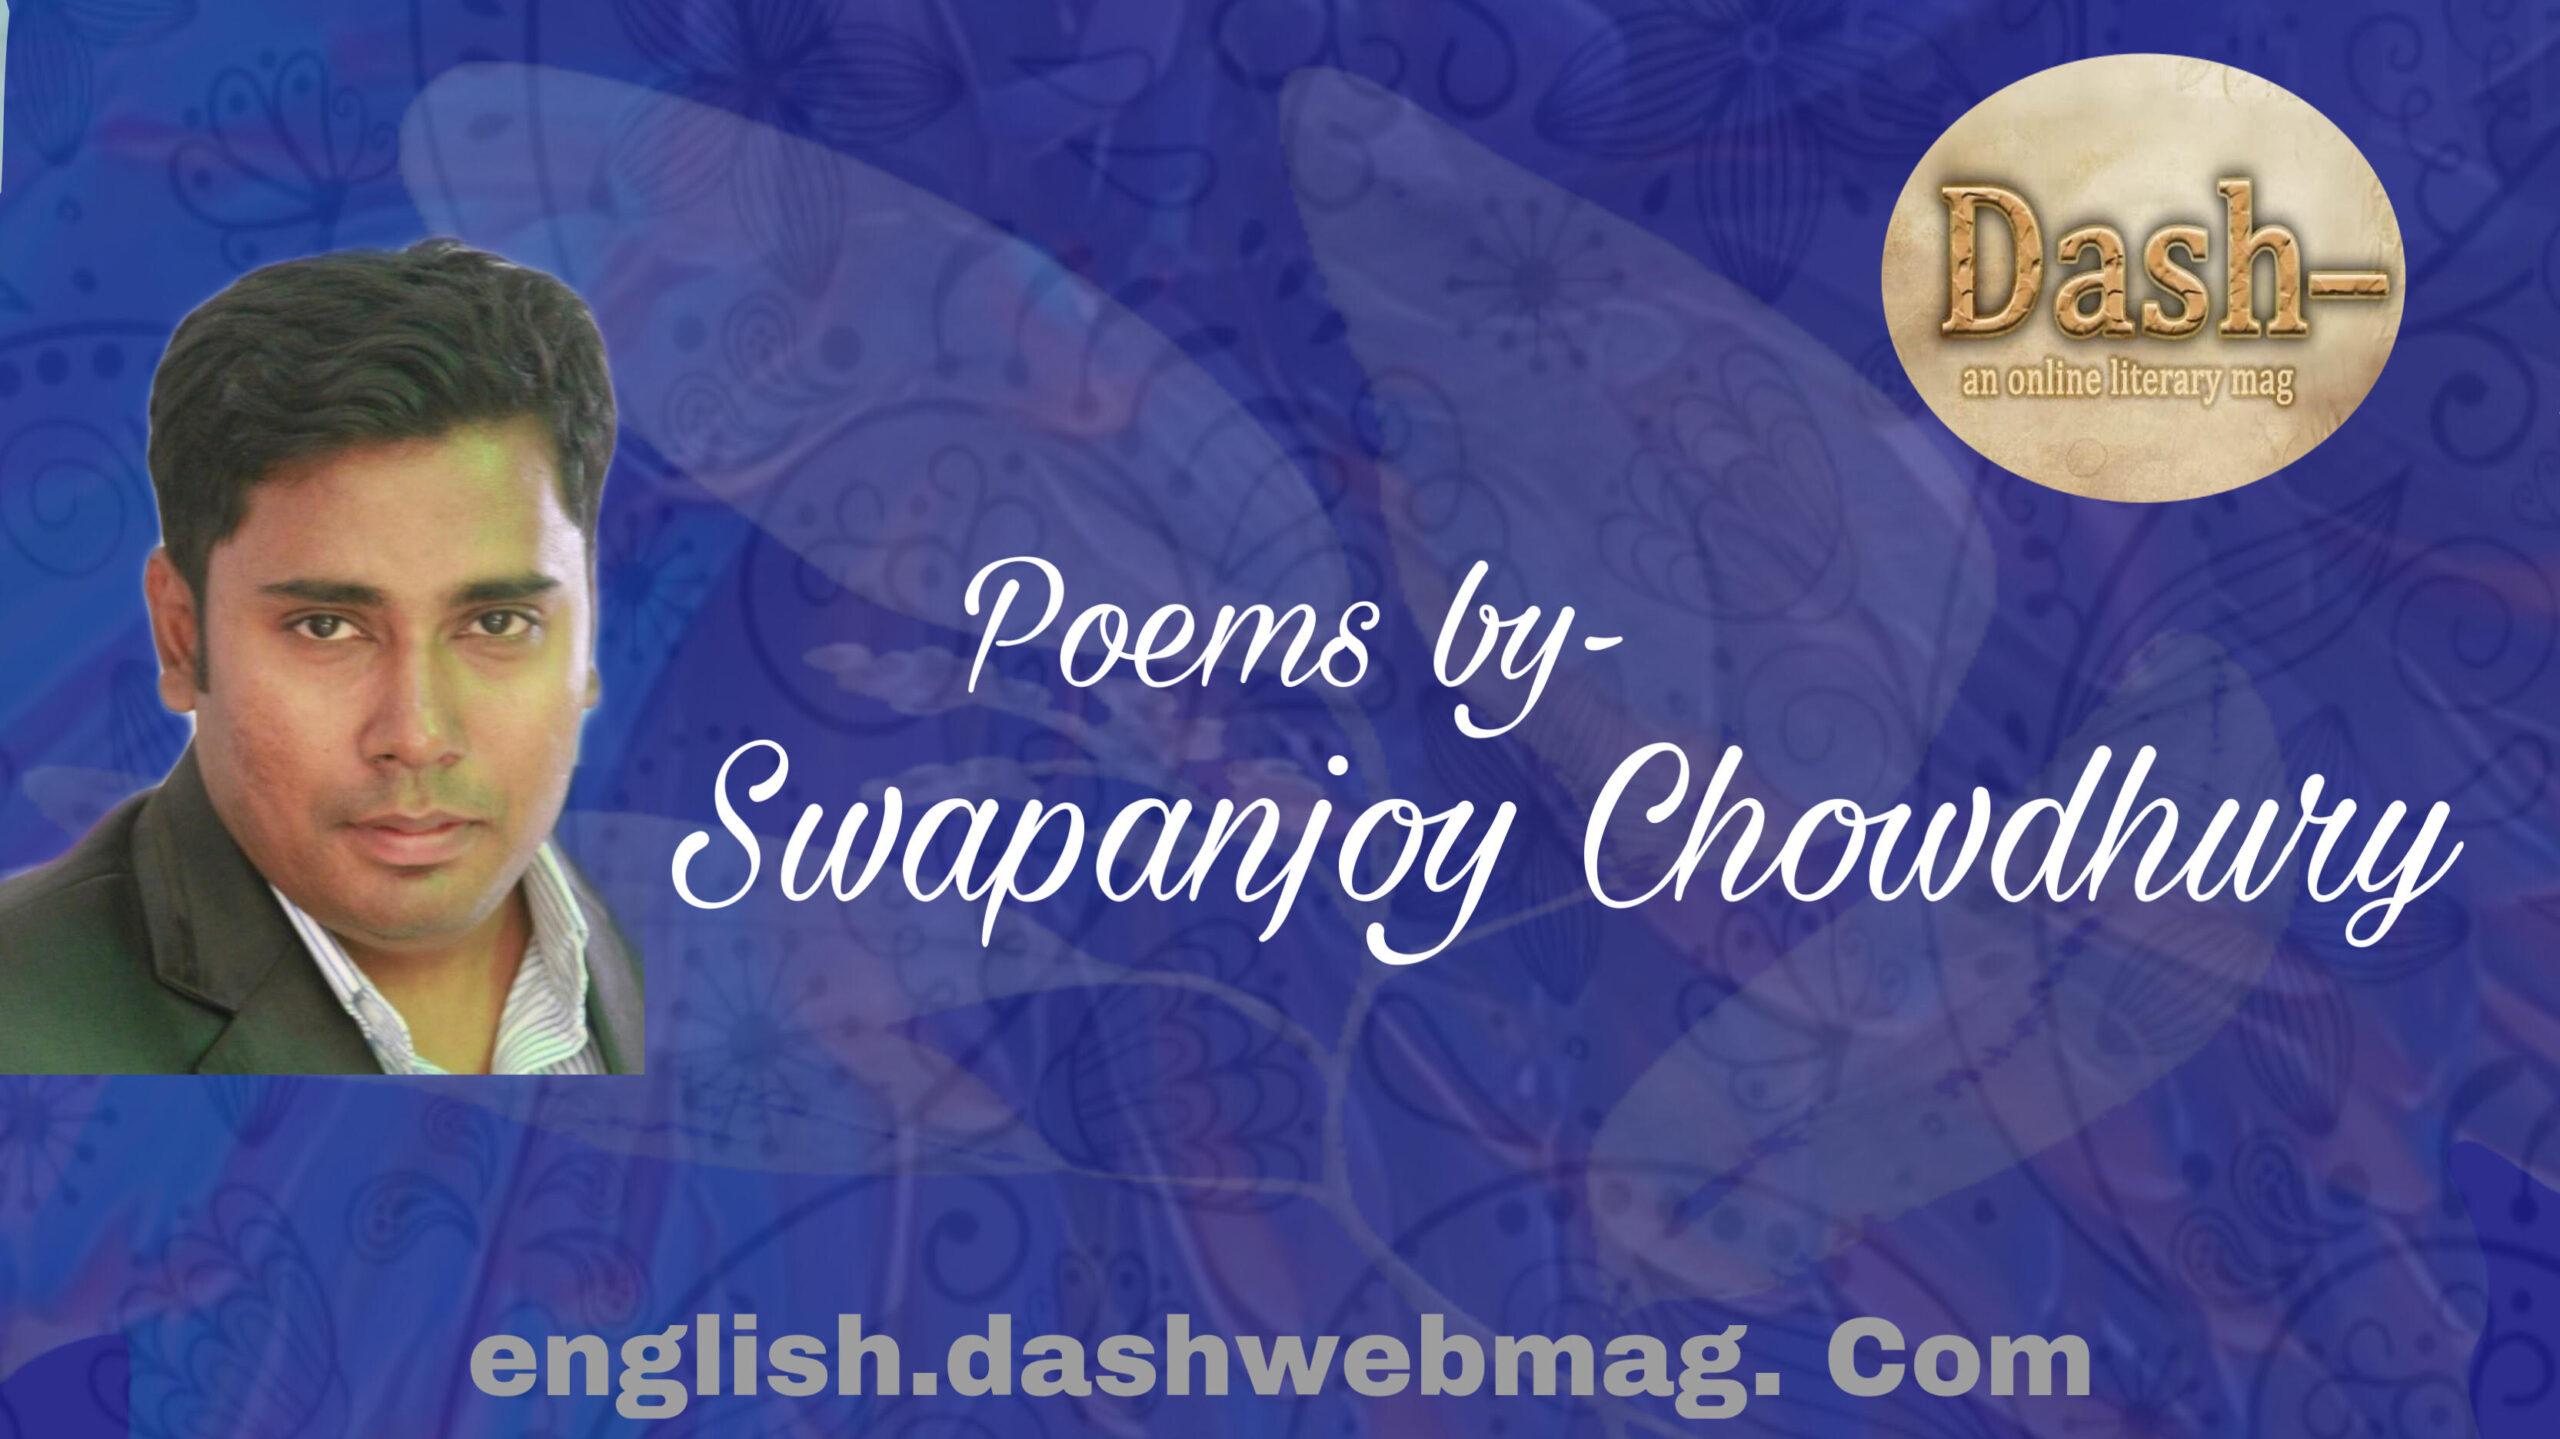 Poems by- Swapanjoy Chowdhury